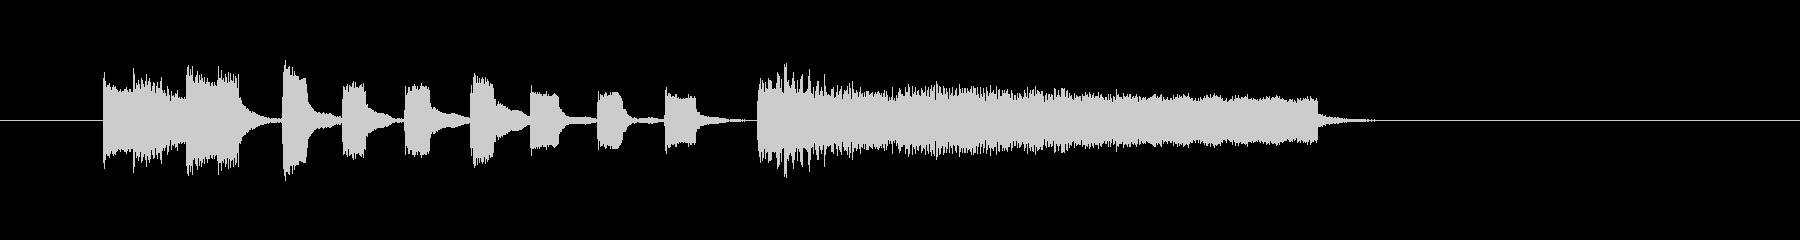 コメディー、とぼけた印象のサウンドロゴの未再生の波形